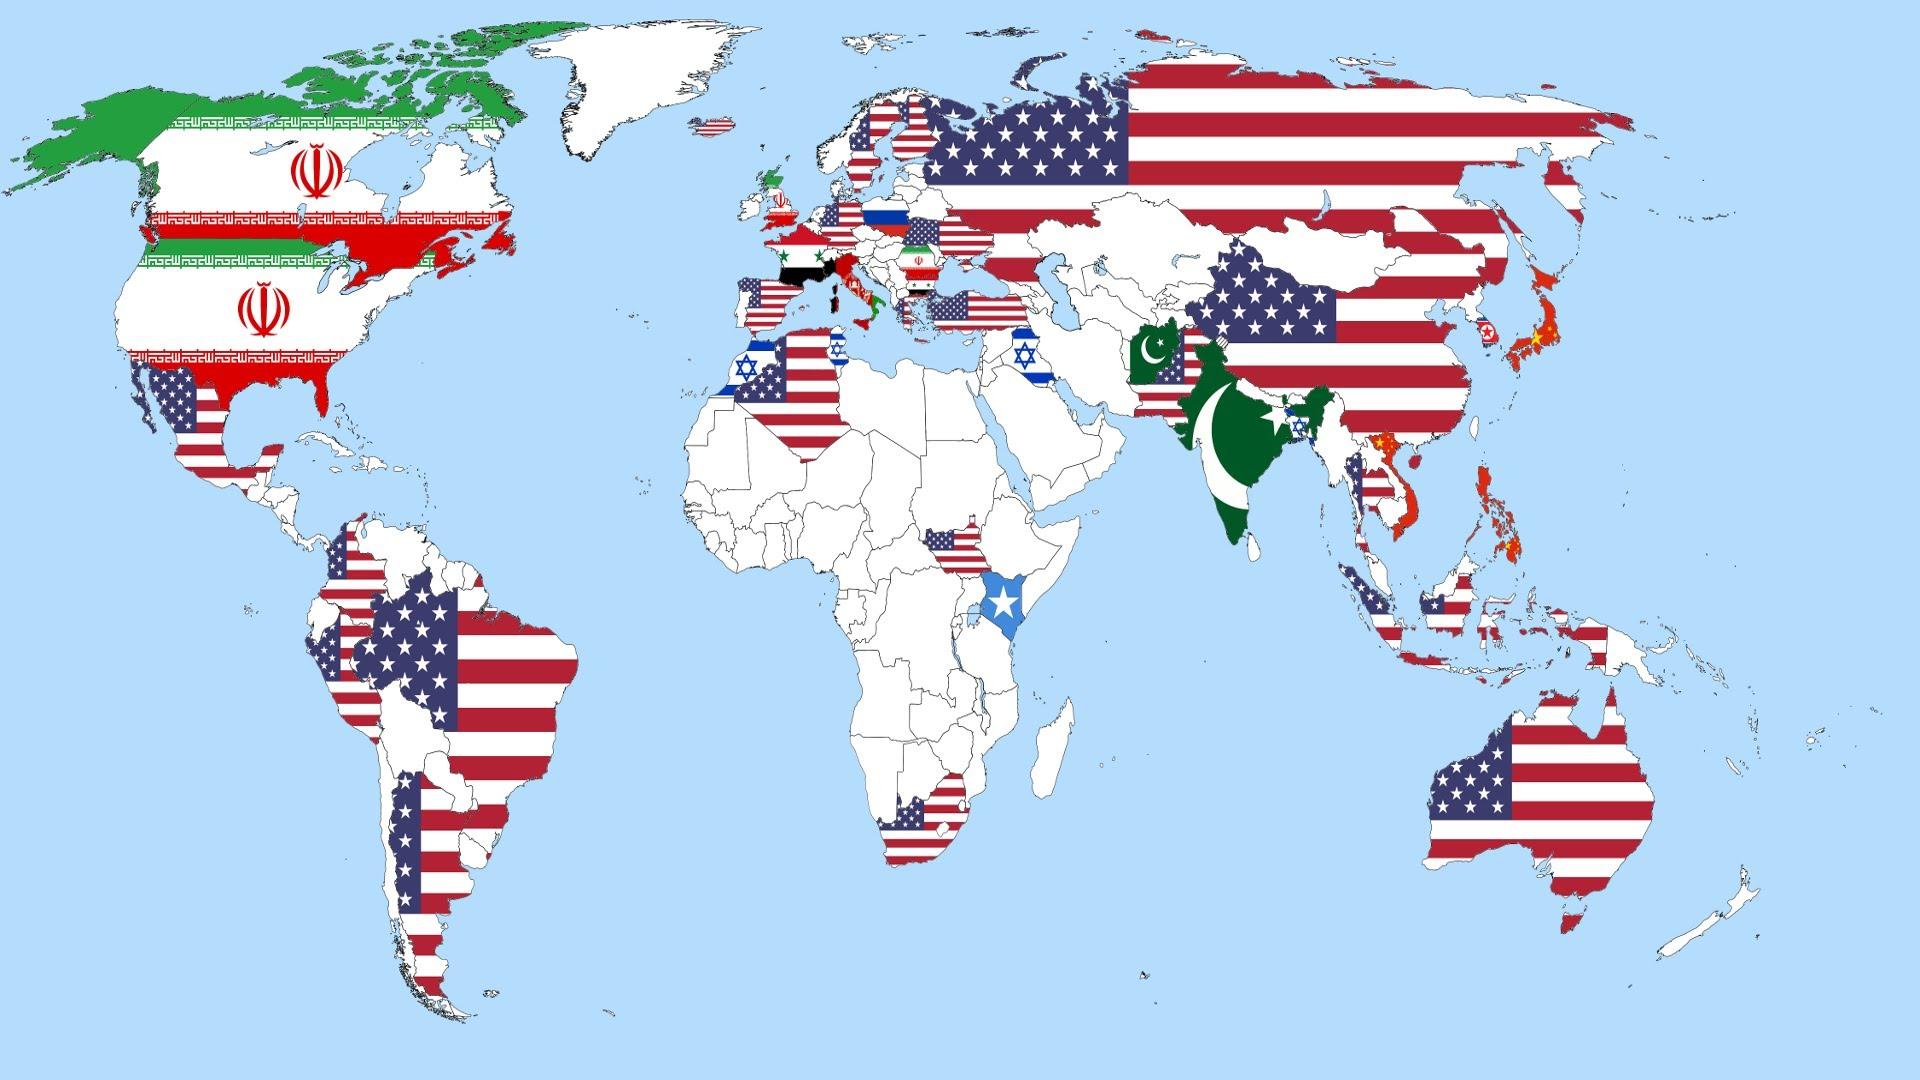 أكثر الدول تهديدًا للسلام العالمي وفق تصويت